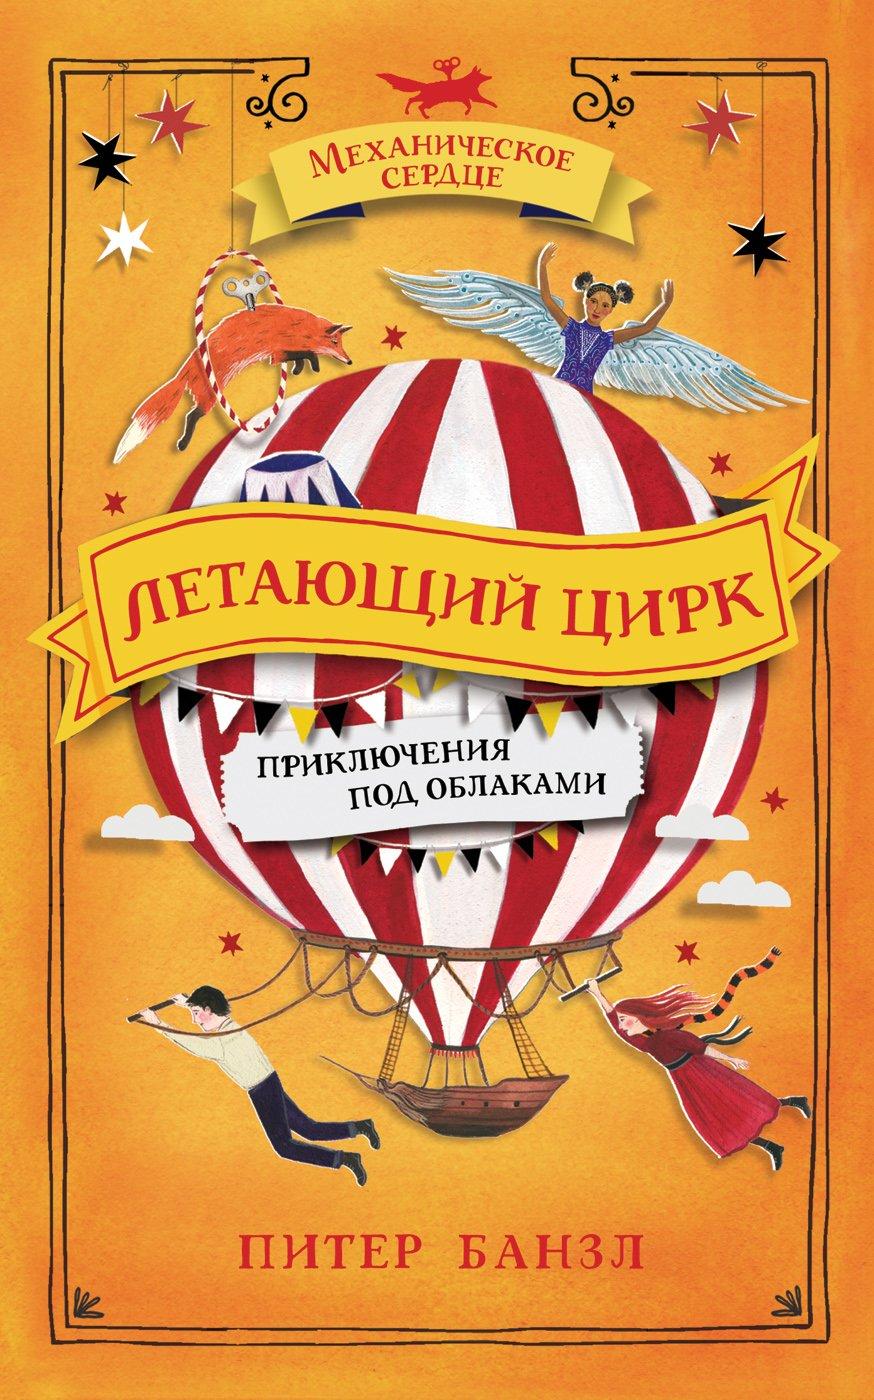 Механическое сердце. 3. Летающий цирк ( Банзл Питер  )